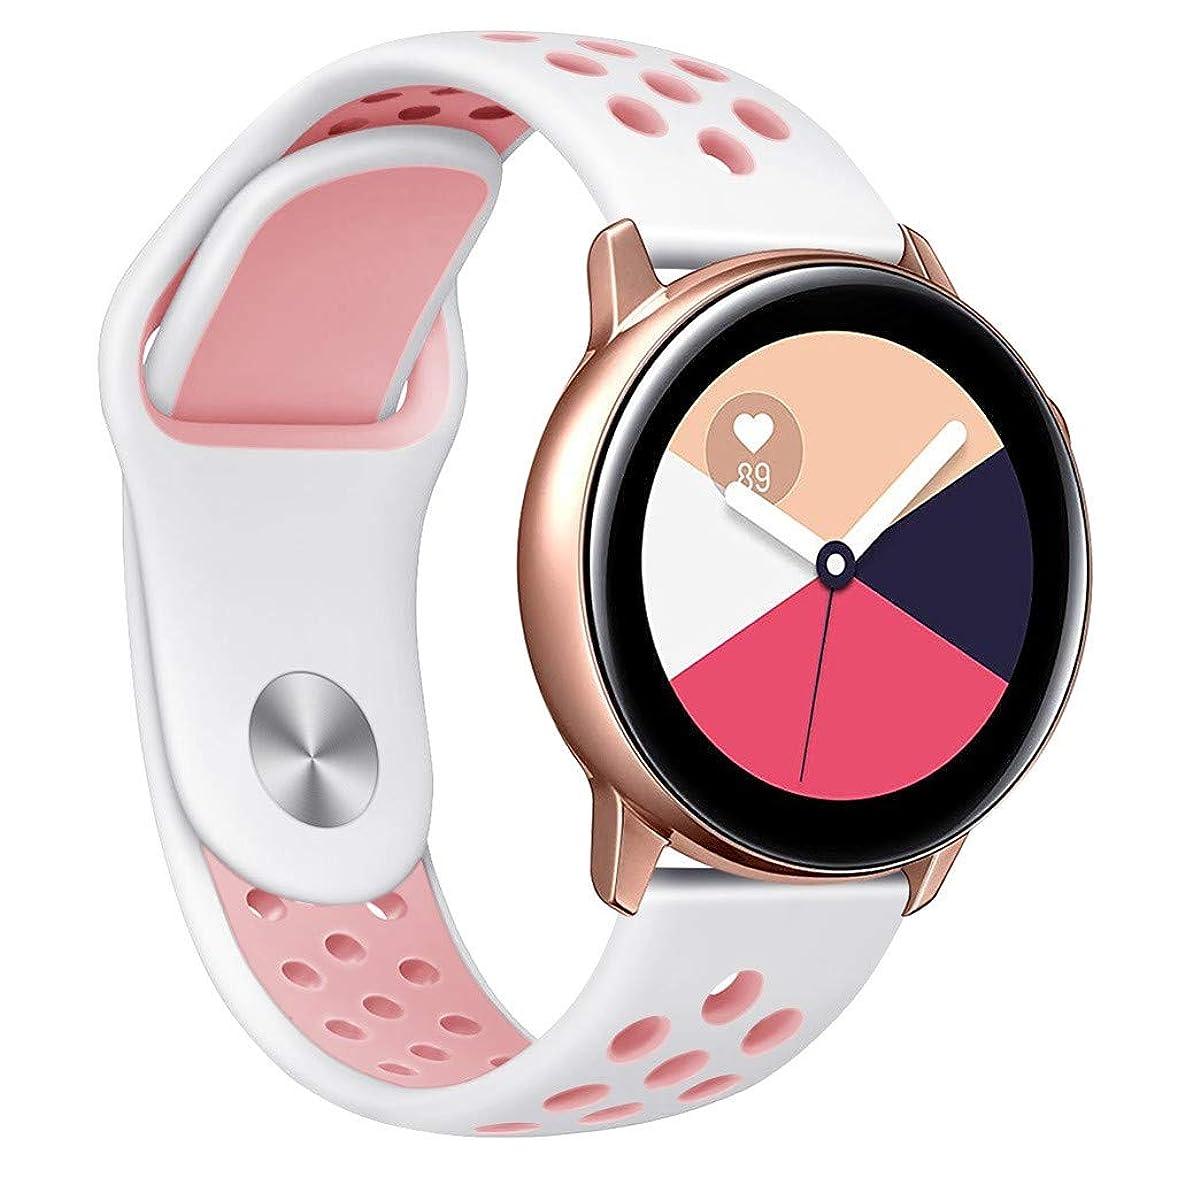 レトルト連邦洗練入学祝い !!! for Samsung Galaxy Watch Active -シリコーン交換用手首ウォッチバンドスポーツテクスチャーウォッチブレスレット腕時計アクセサリー用ギフト